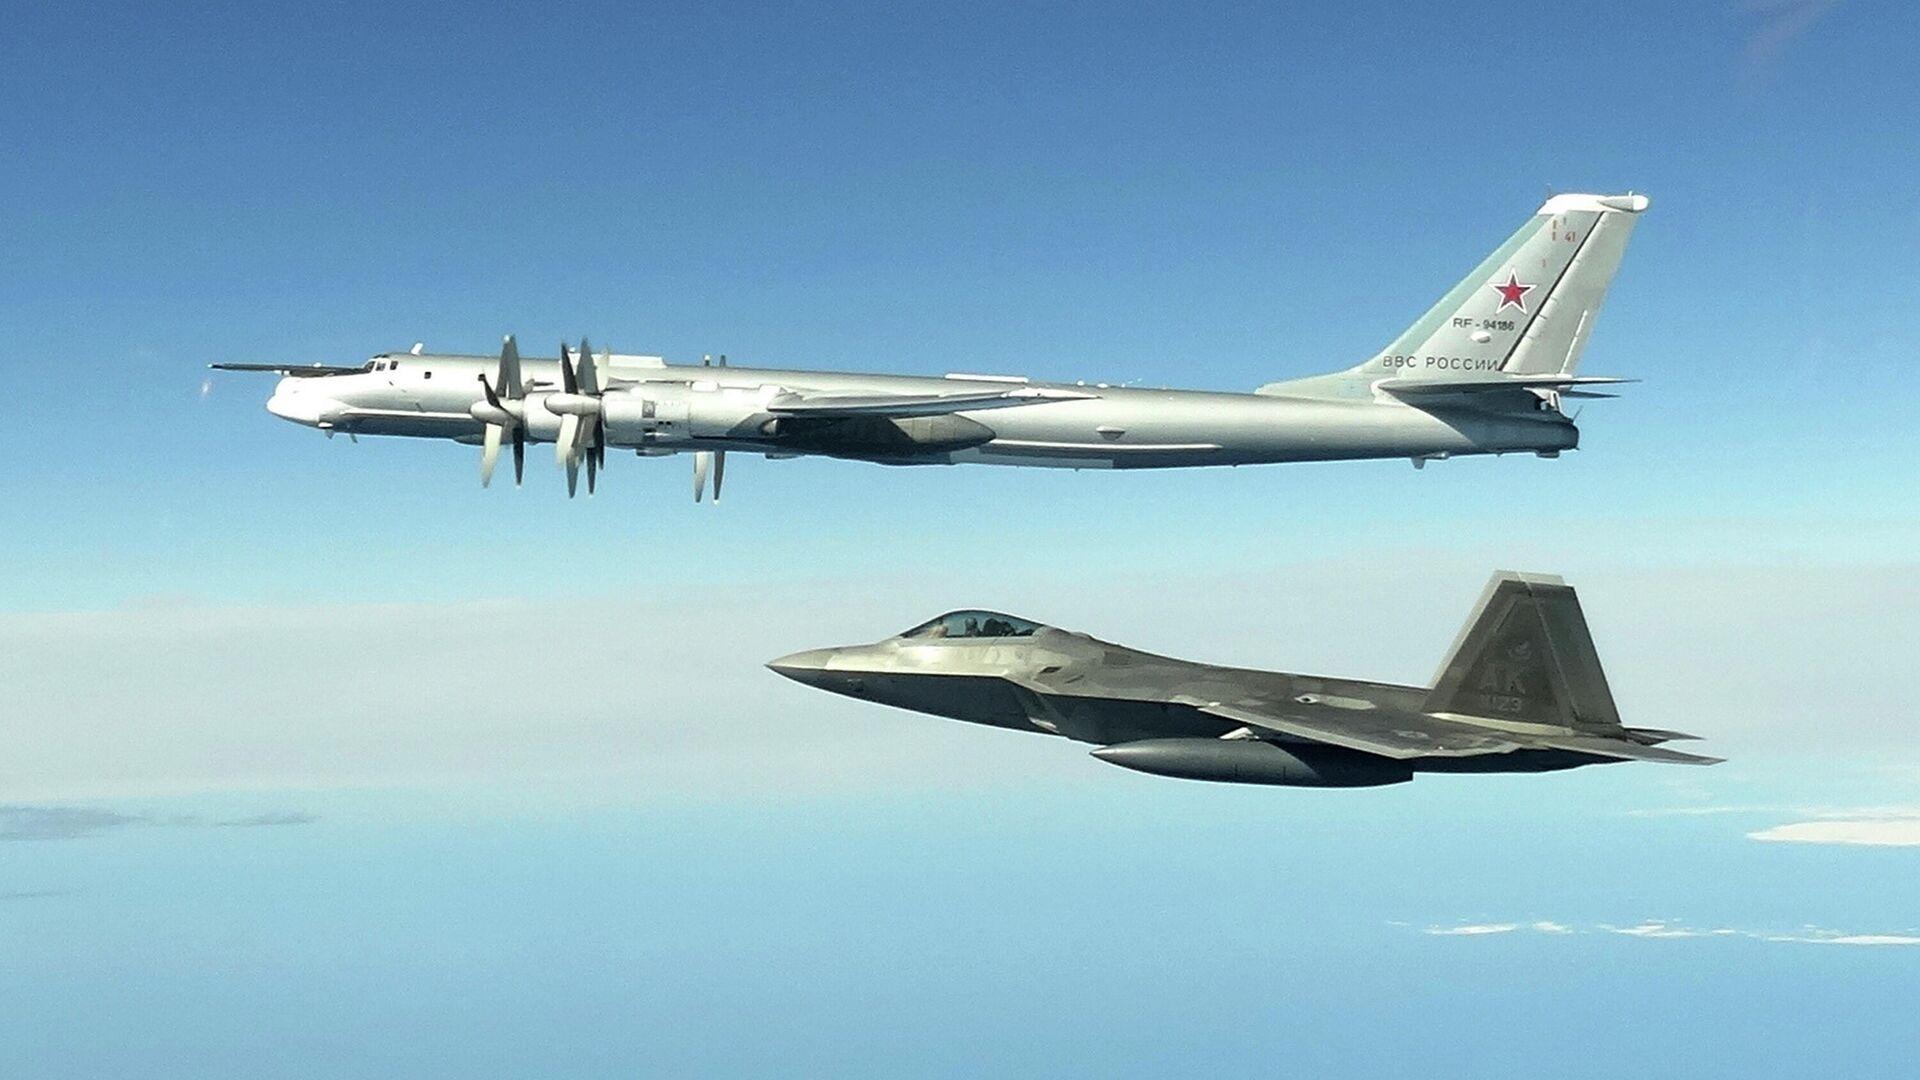 Ein russischer Tu-95-Bomber wird von einem US-amerikanischen F-22-Raptor-Jäger vor der Küste Alaskas abgefangen - SNA, 1920, 09.05.2021